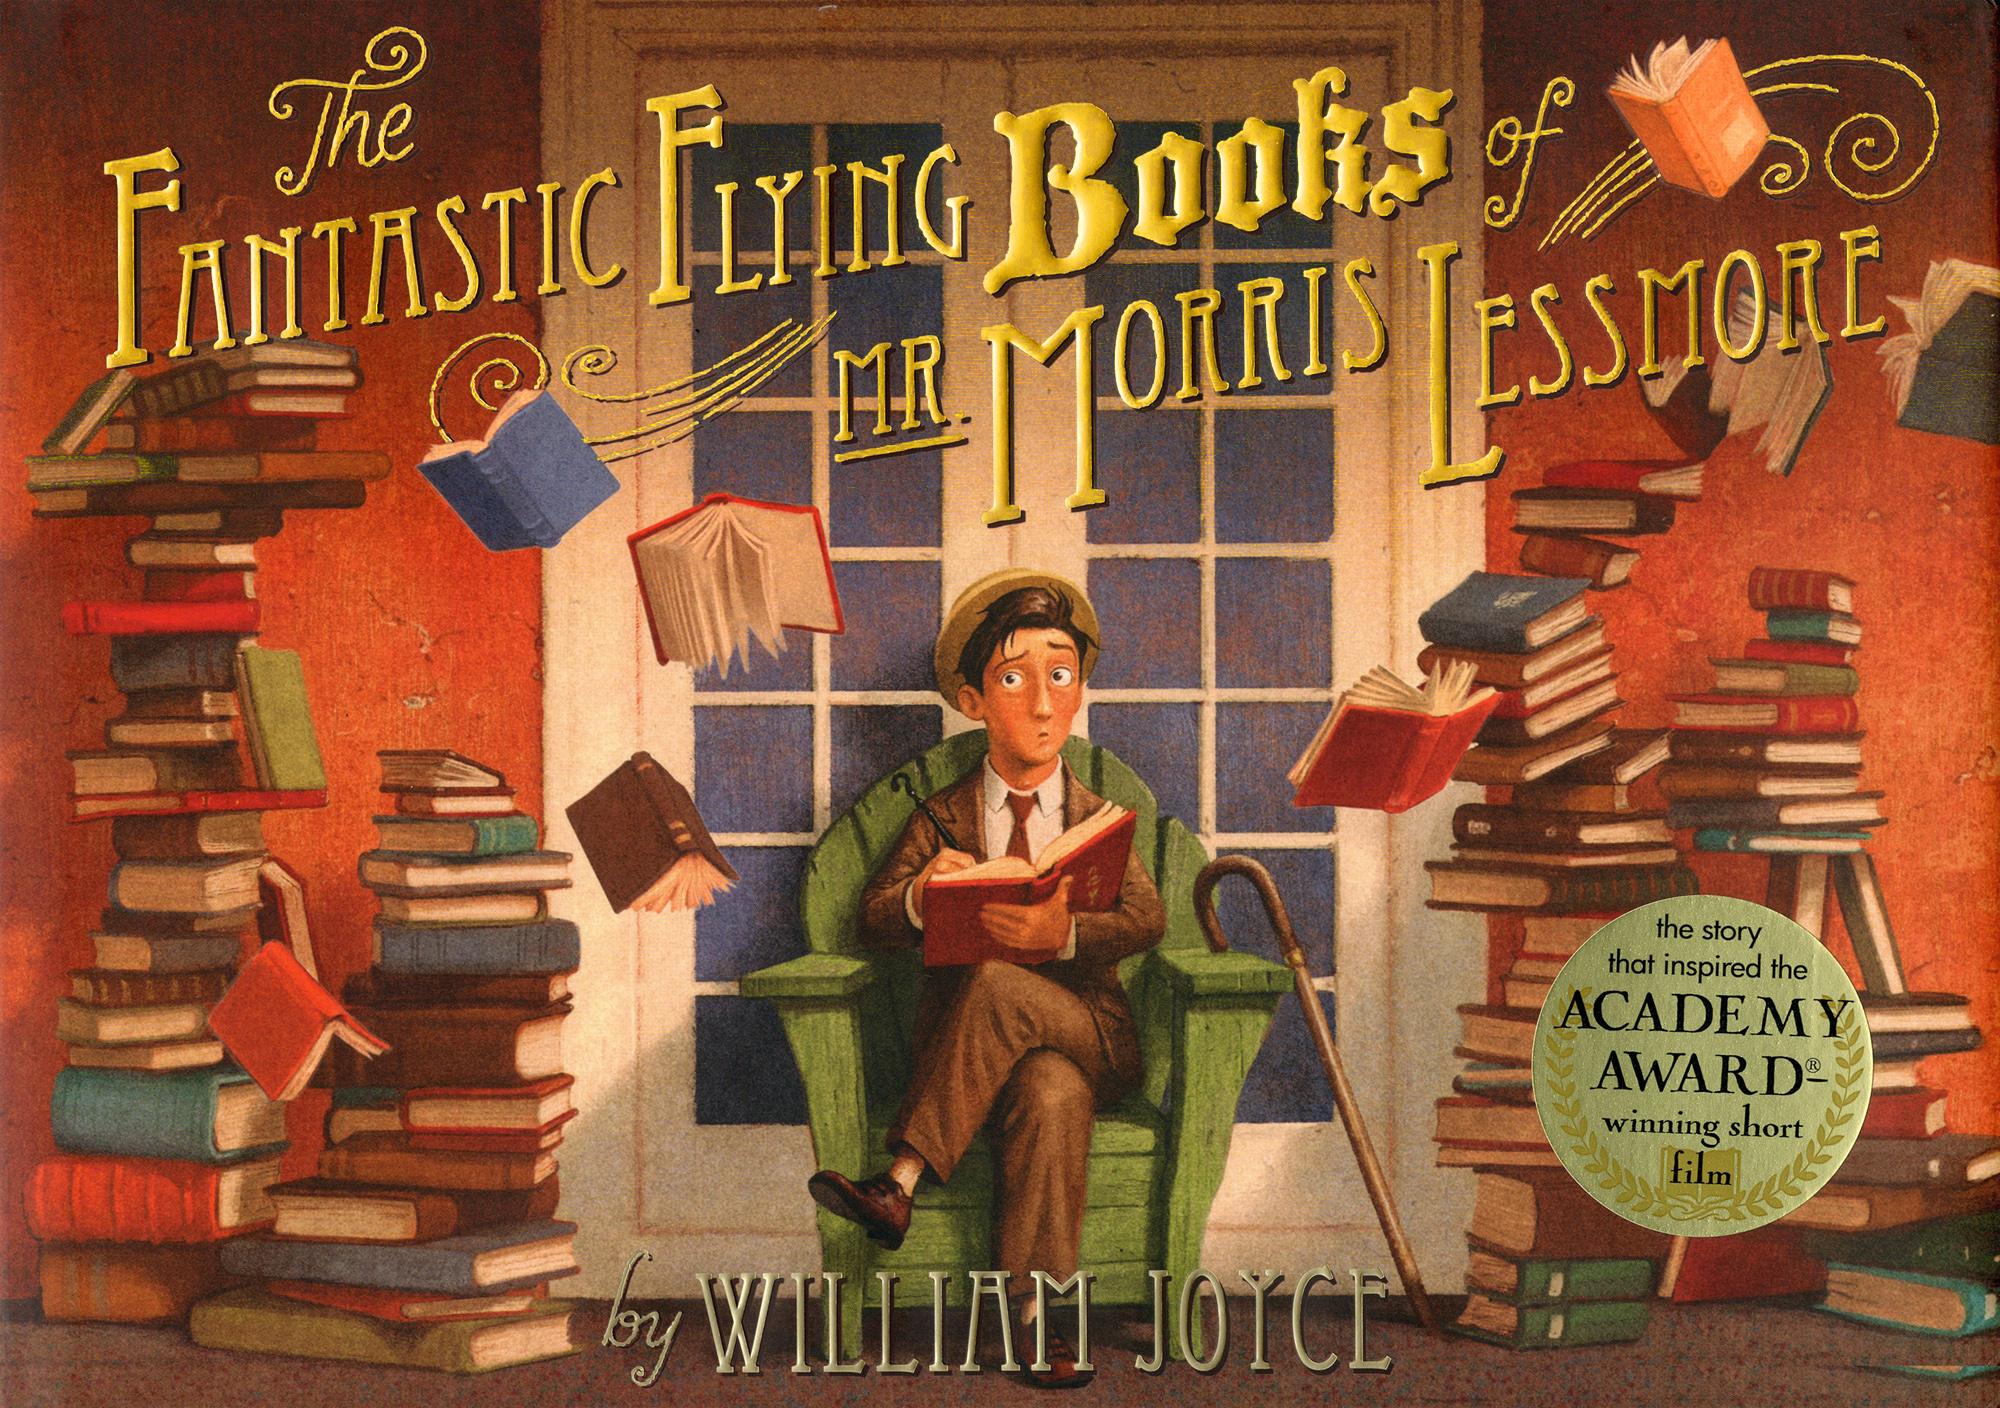 MORRIS_Lessmore_book_cover.jpg